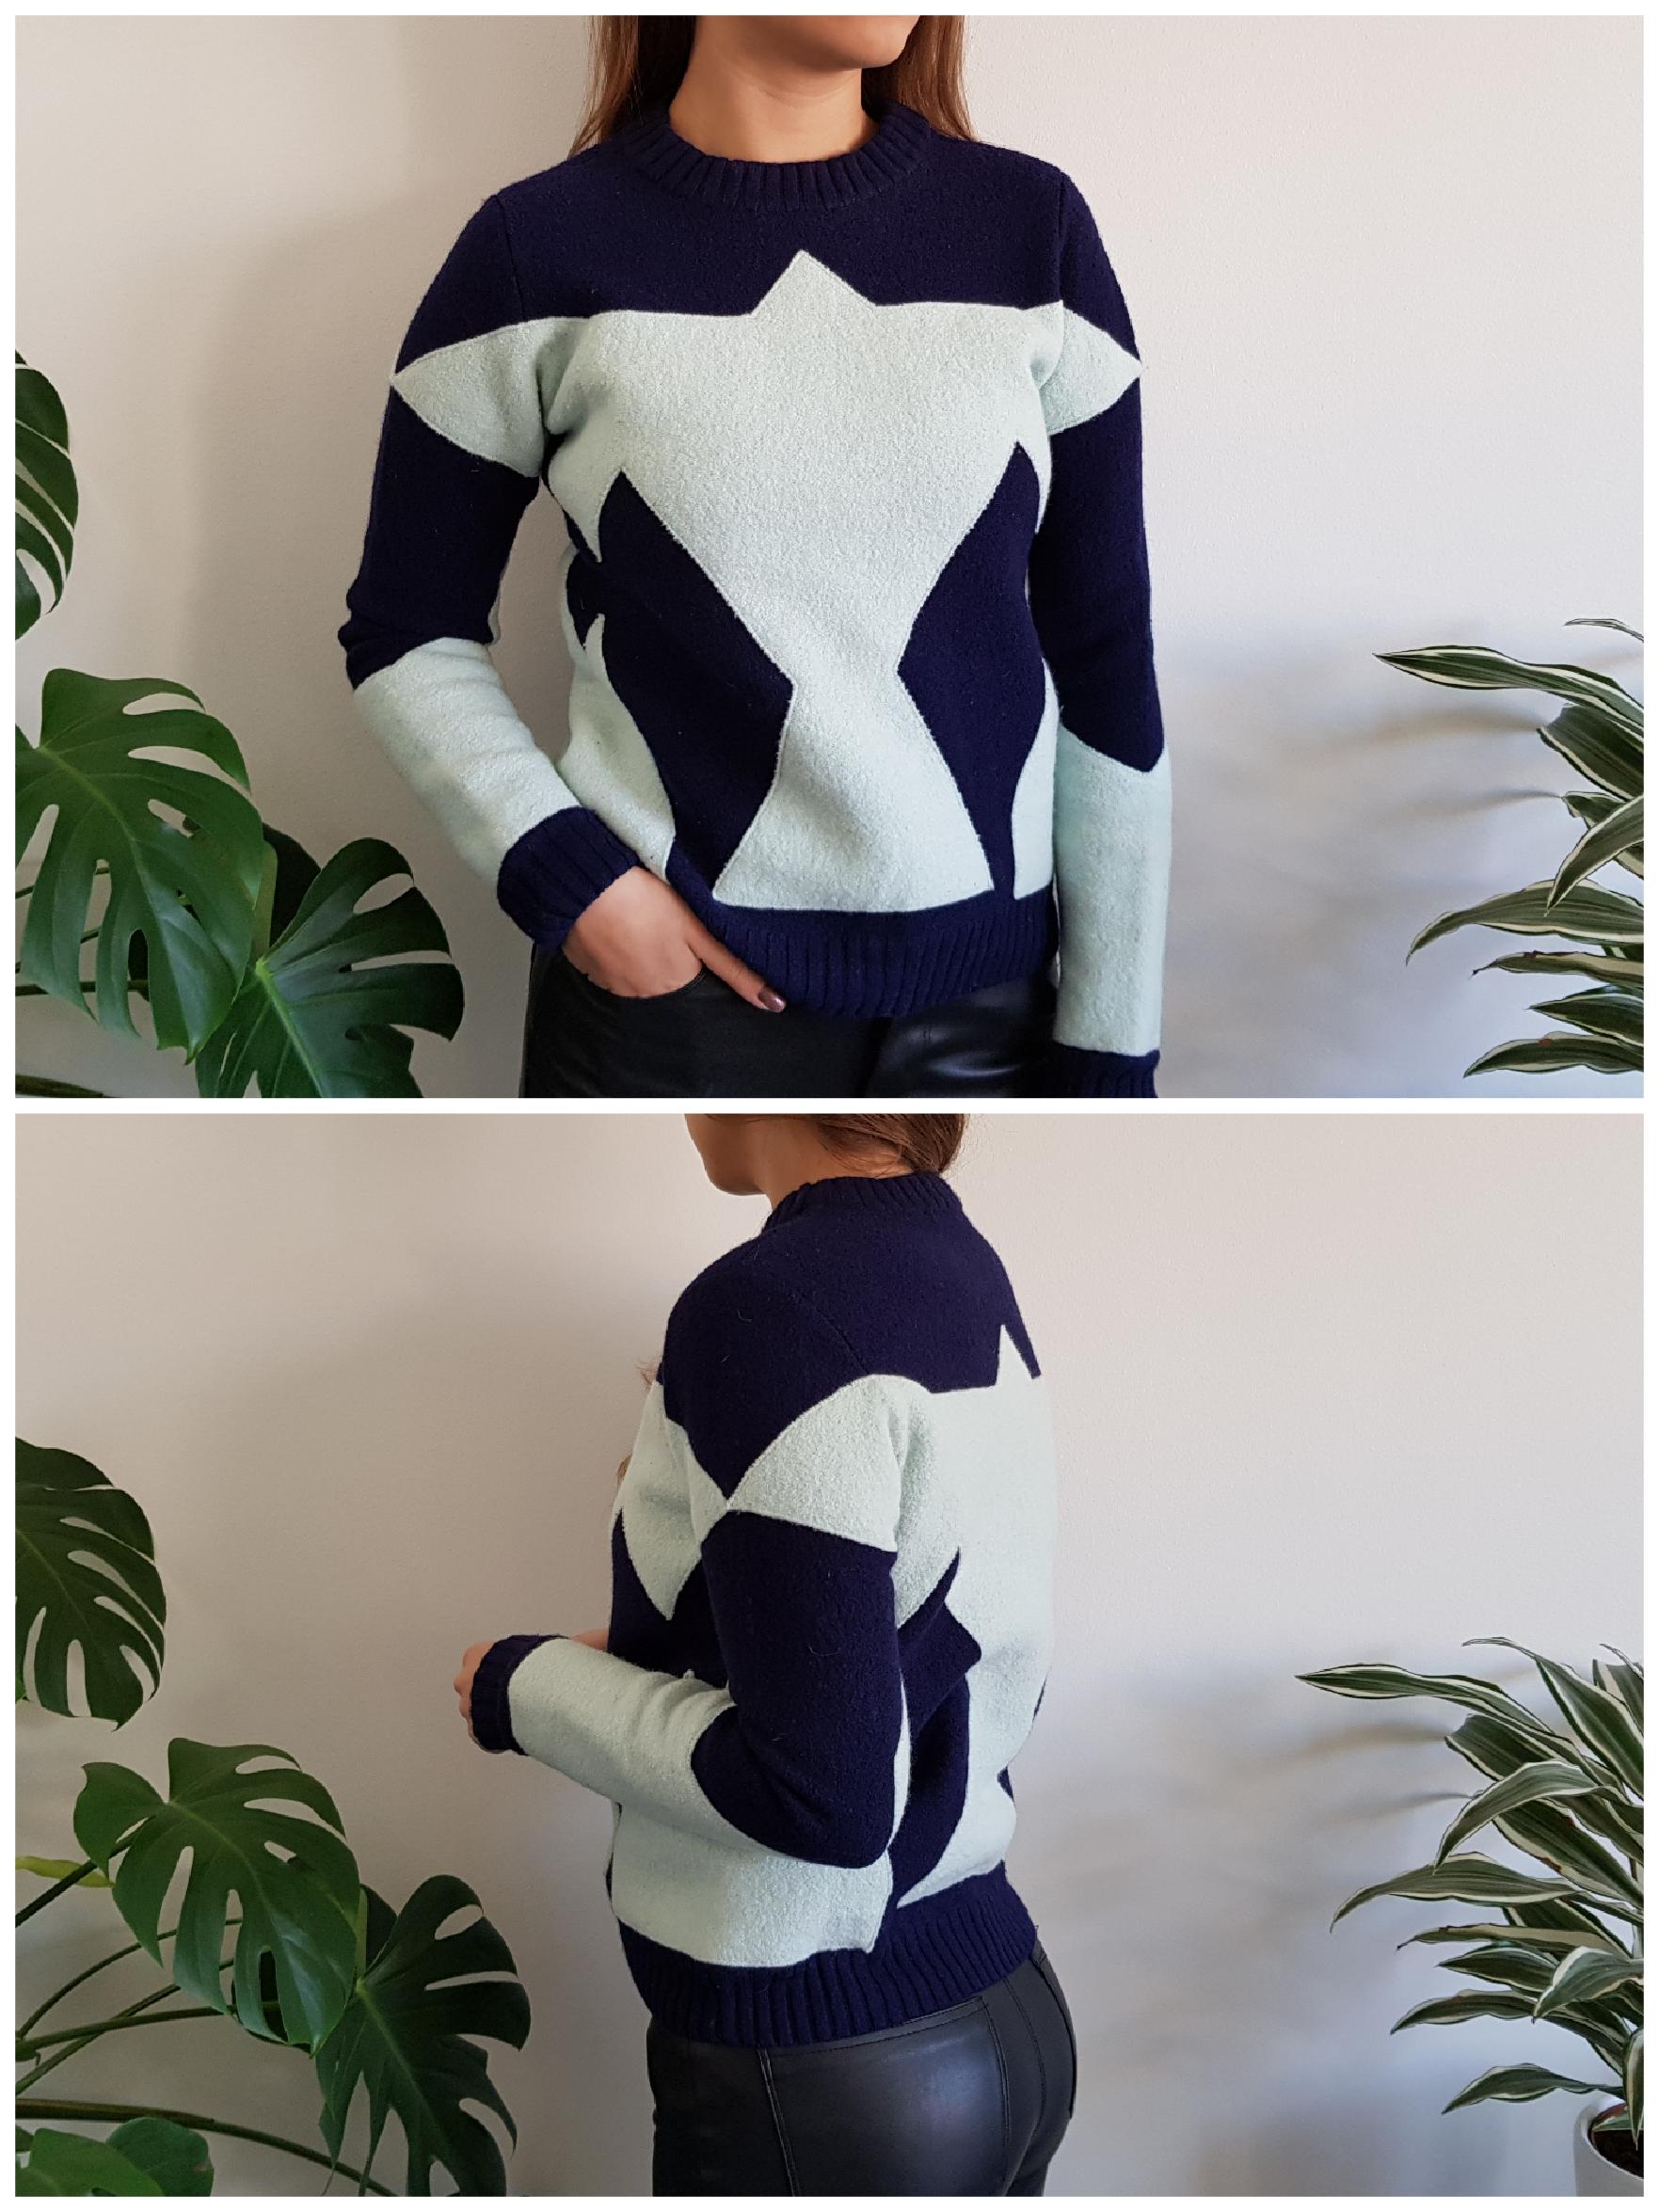 3e6488a7777c Ullkrympt tröja från & Other Stories i storlek S. Den har tvättats fel så  den är väligt kompakt, men fint skick och livliga färger i övrigt. 100% Ull.